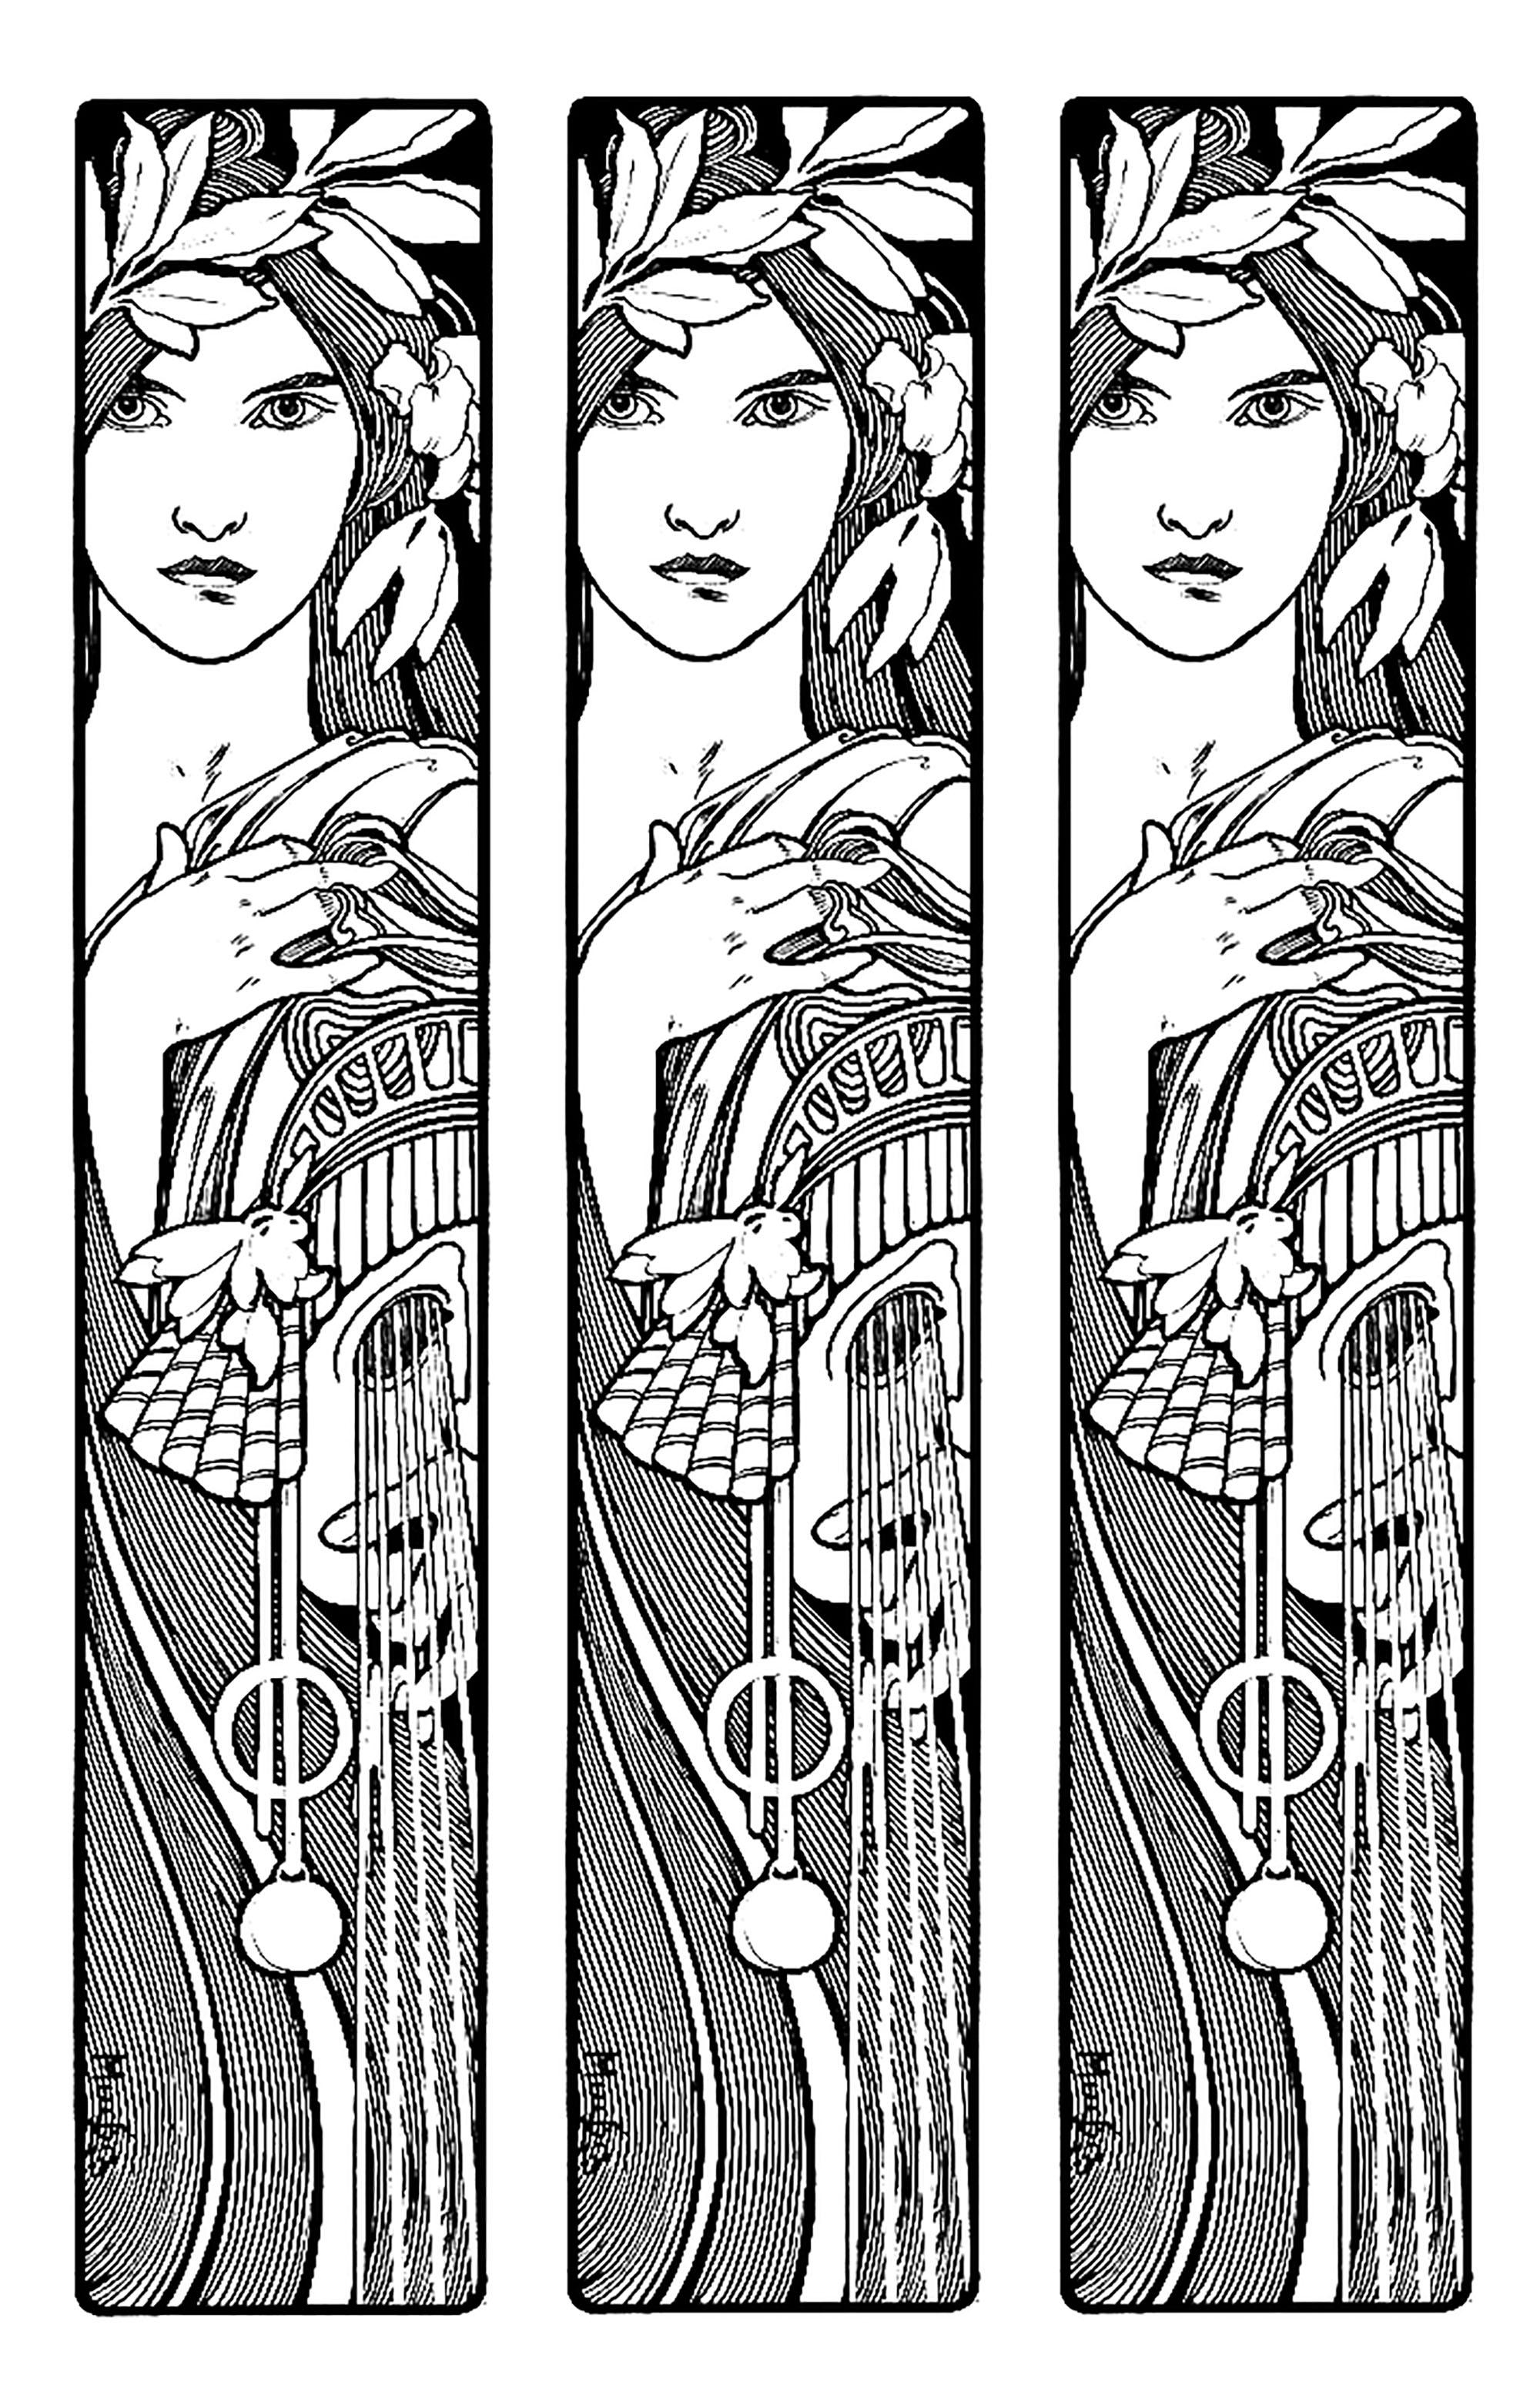 Un coloriage style 'Triptyque', inspiré d'une oeuvre du célèbre Alfons Mucha